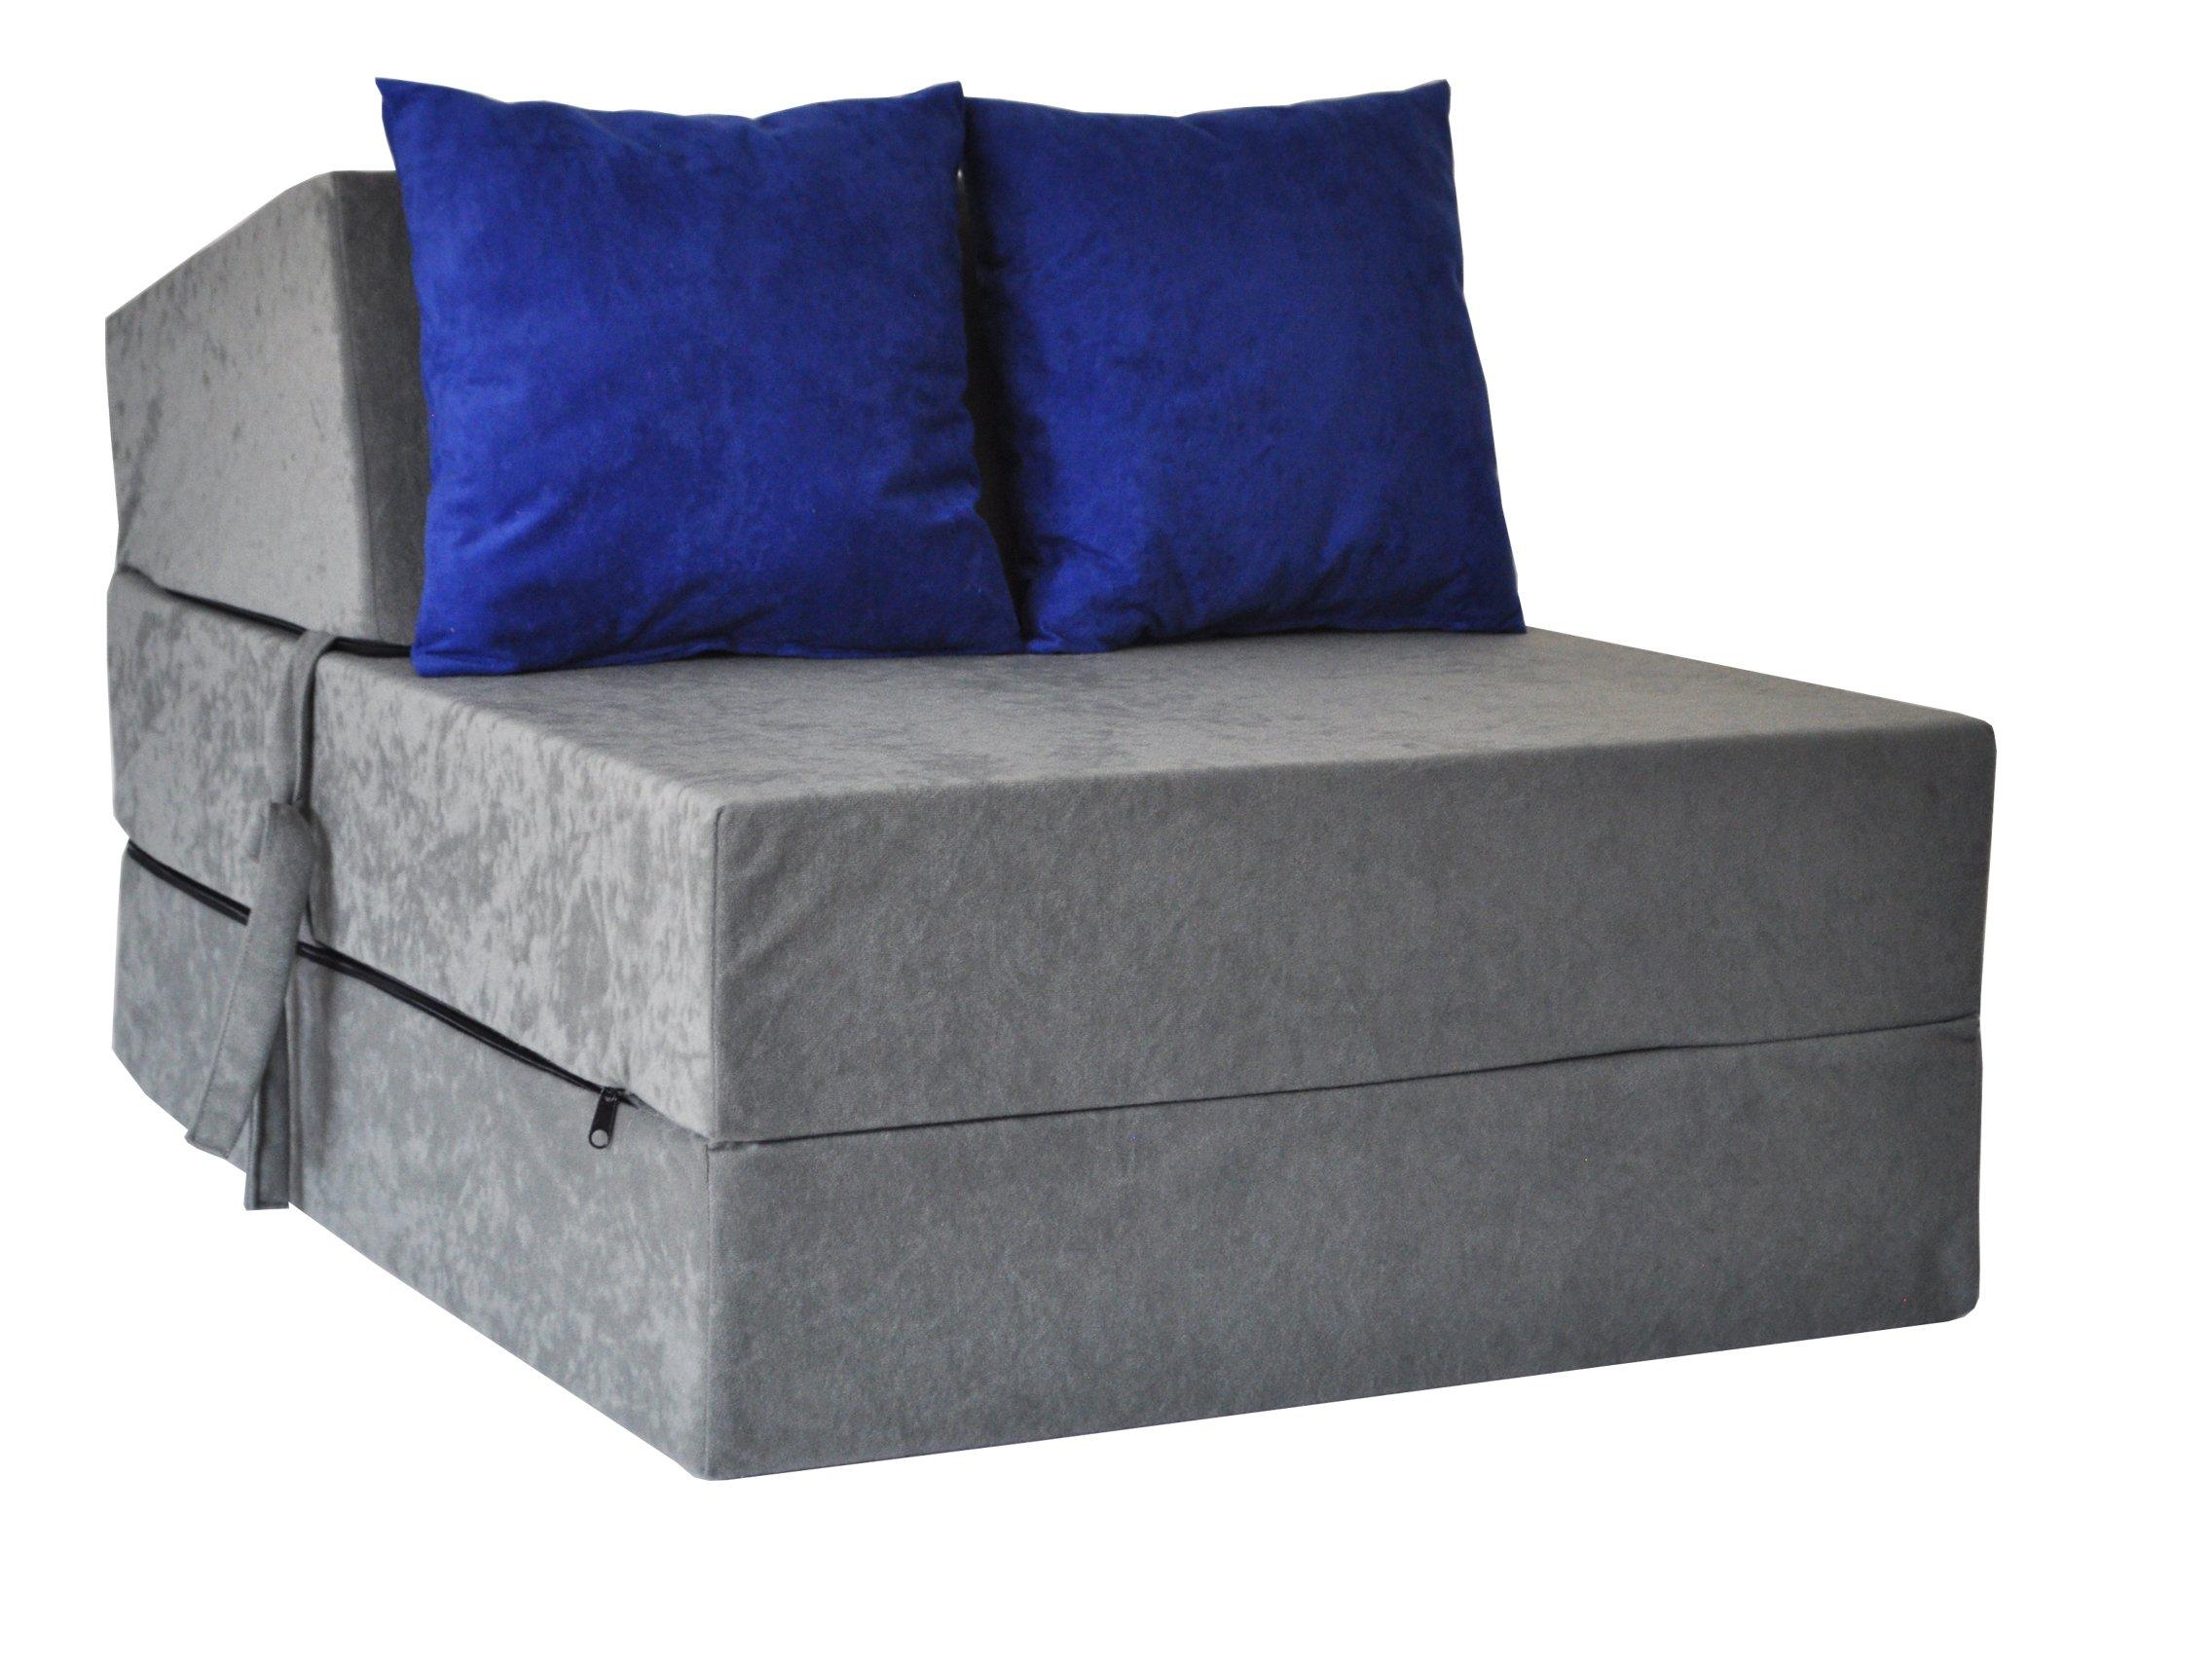 Fotel Rozkładany 15cm Materac Sofa Pufa Kanapa 6660436779